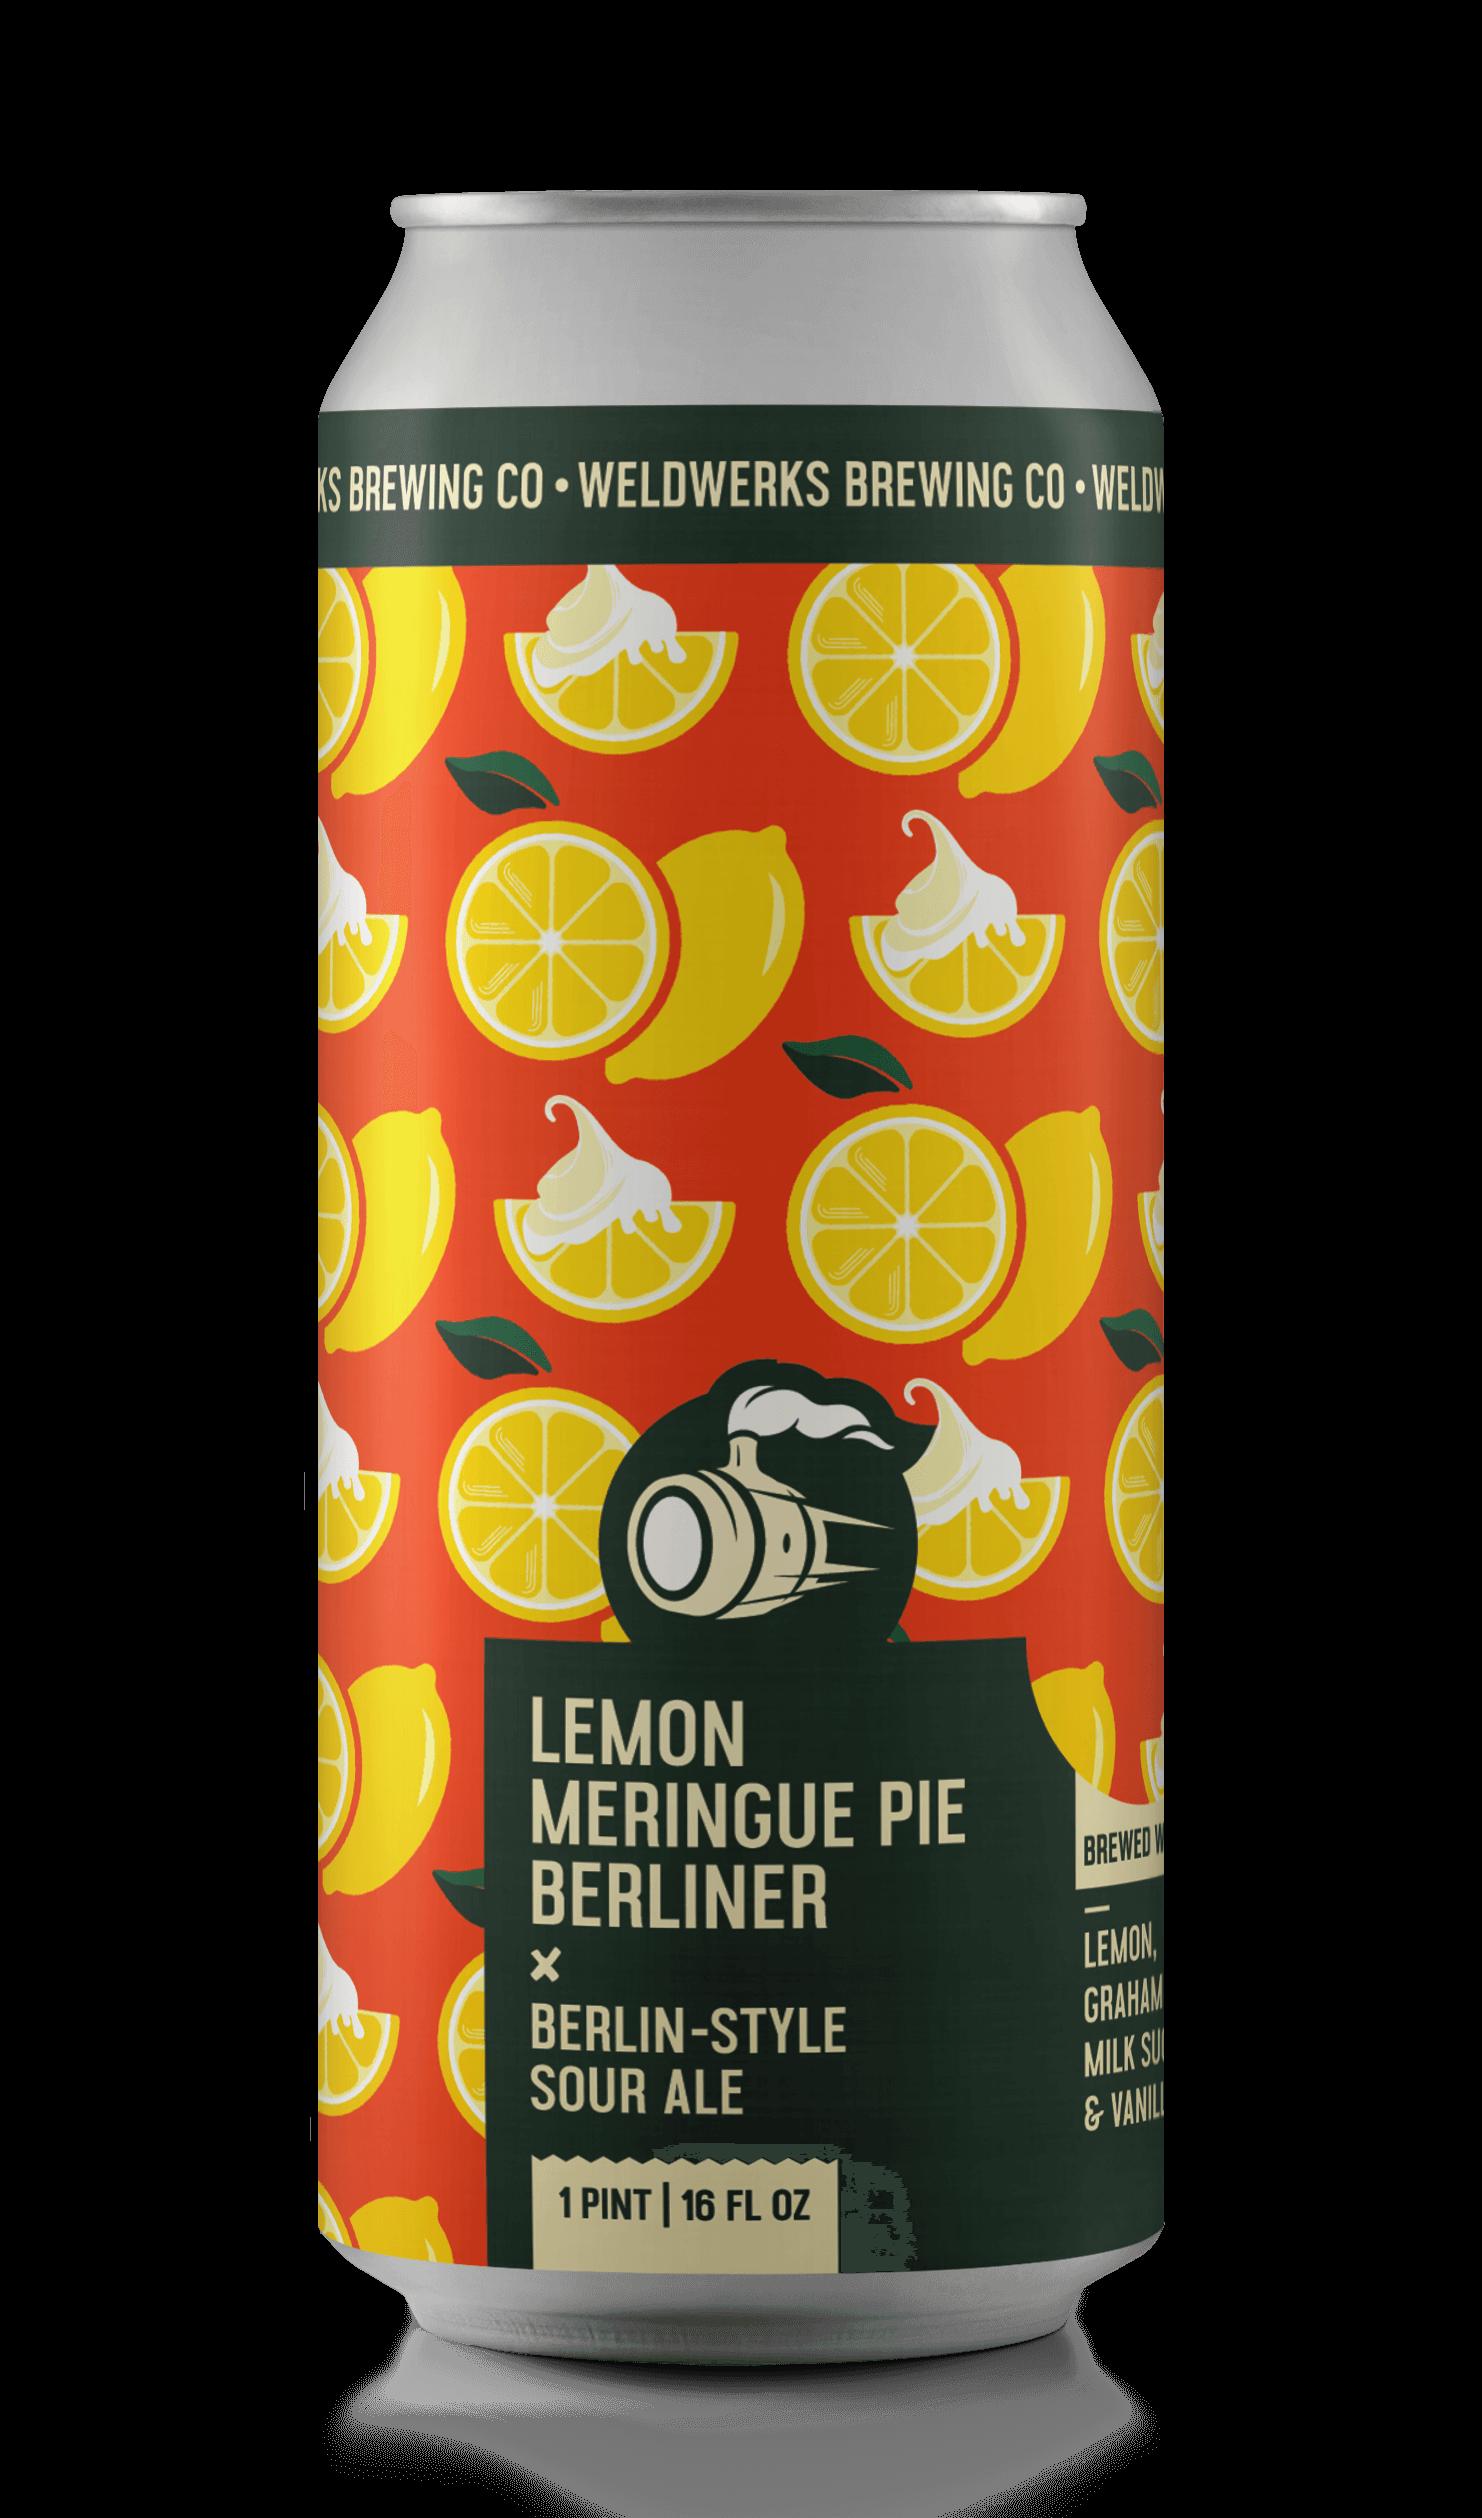 Lemon Meringue Pie Berliner